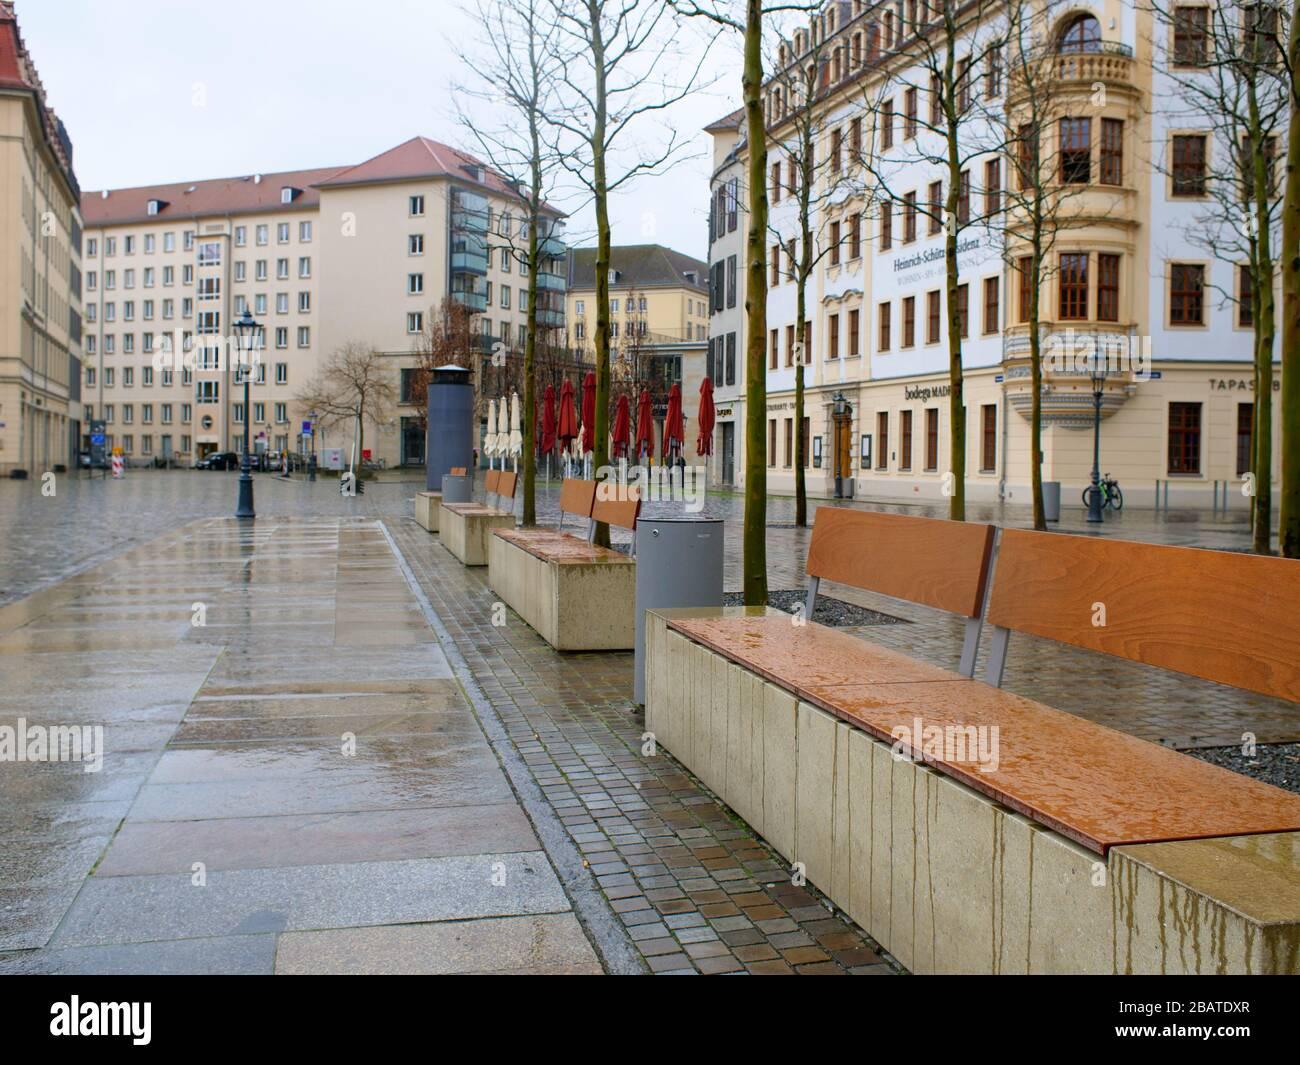 Dresden Neumarkt während Coronavirus Lockdown und Regenwetter Gastronomie restaurantes COVID-19 Ausgangssperre Foto de stock